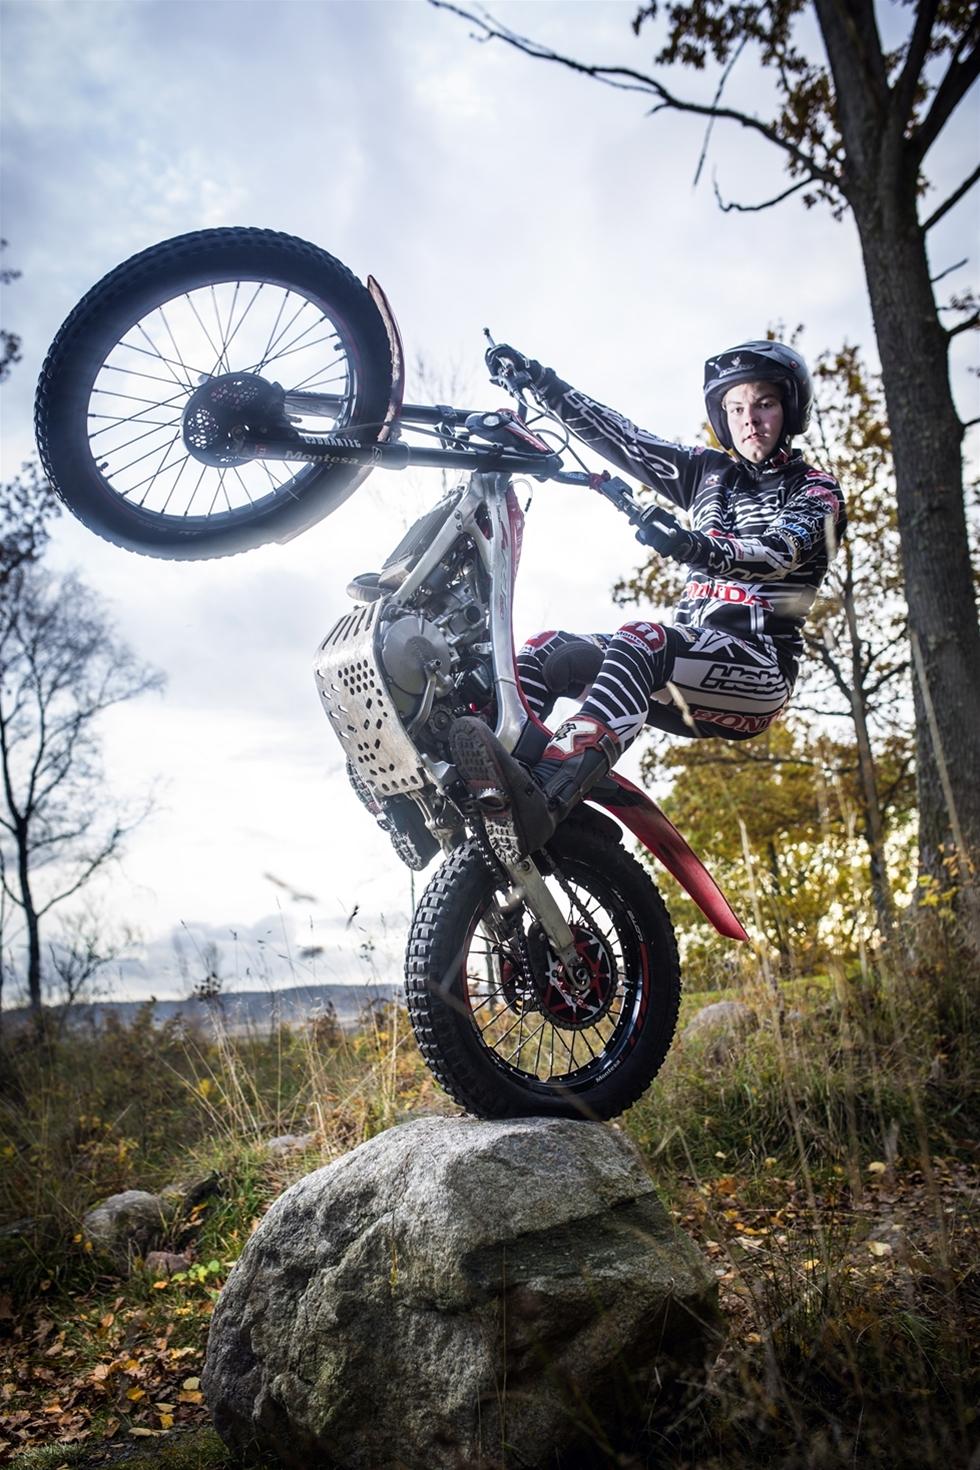 Hiab, som ingår I Cargotec-koncernen, kommer att sponsra Eddie Karlsson, nordisk mästare i motorcykelsporten trial. Eddie Karlsson slutade tia i World Championship 2015 och siktar nu på att bli etta i världen. Sponsringsavtalet skrevs under i november.